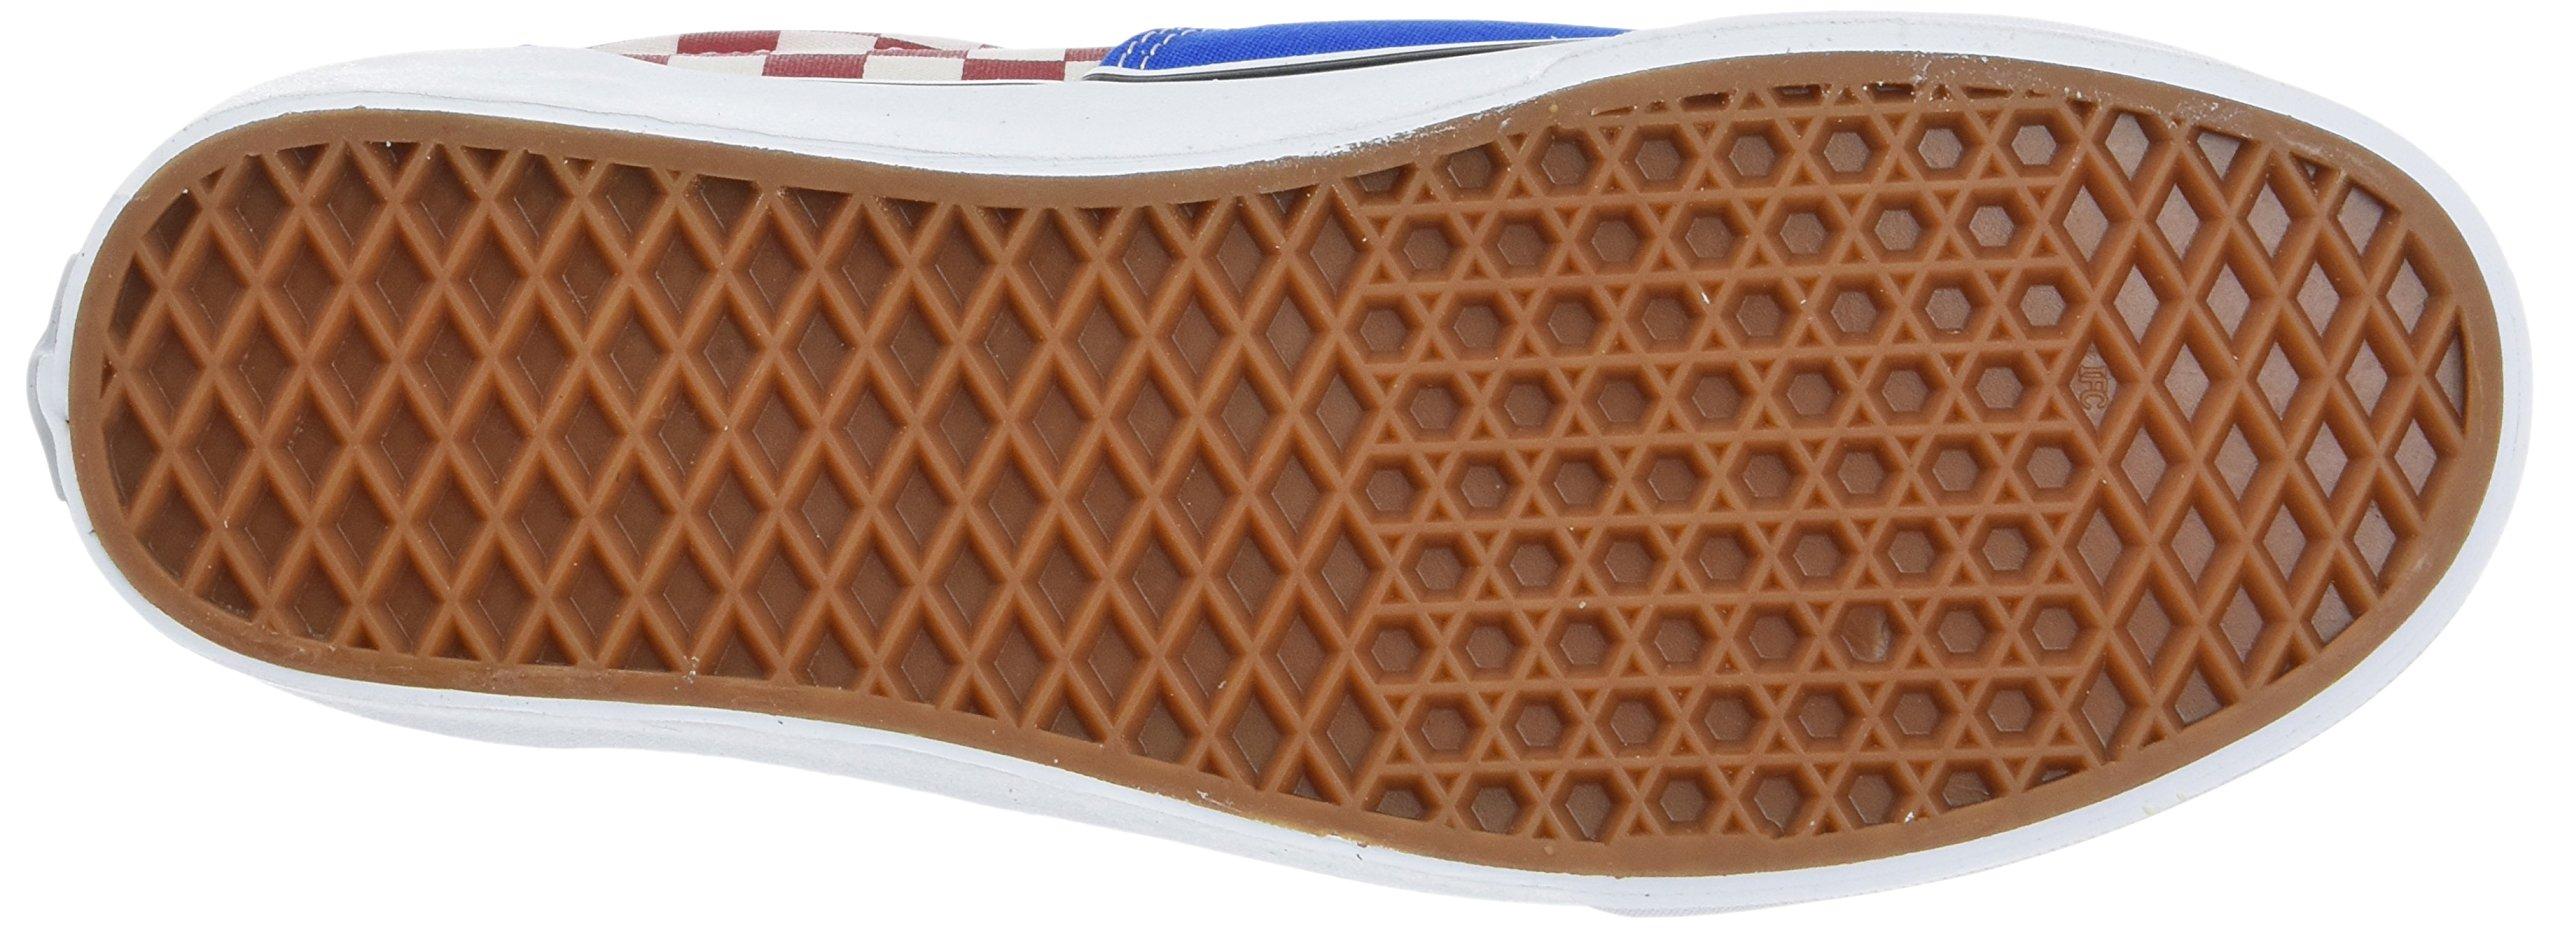 b1b9bf0b38eed Vans Unisex Era 2-Tone Check Skate Shoe 10 Blue - VA38FRMV4_2-Tone ...